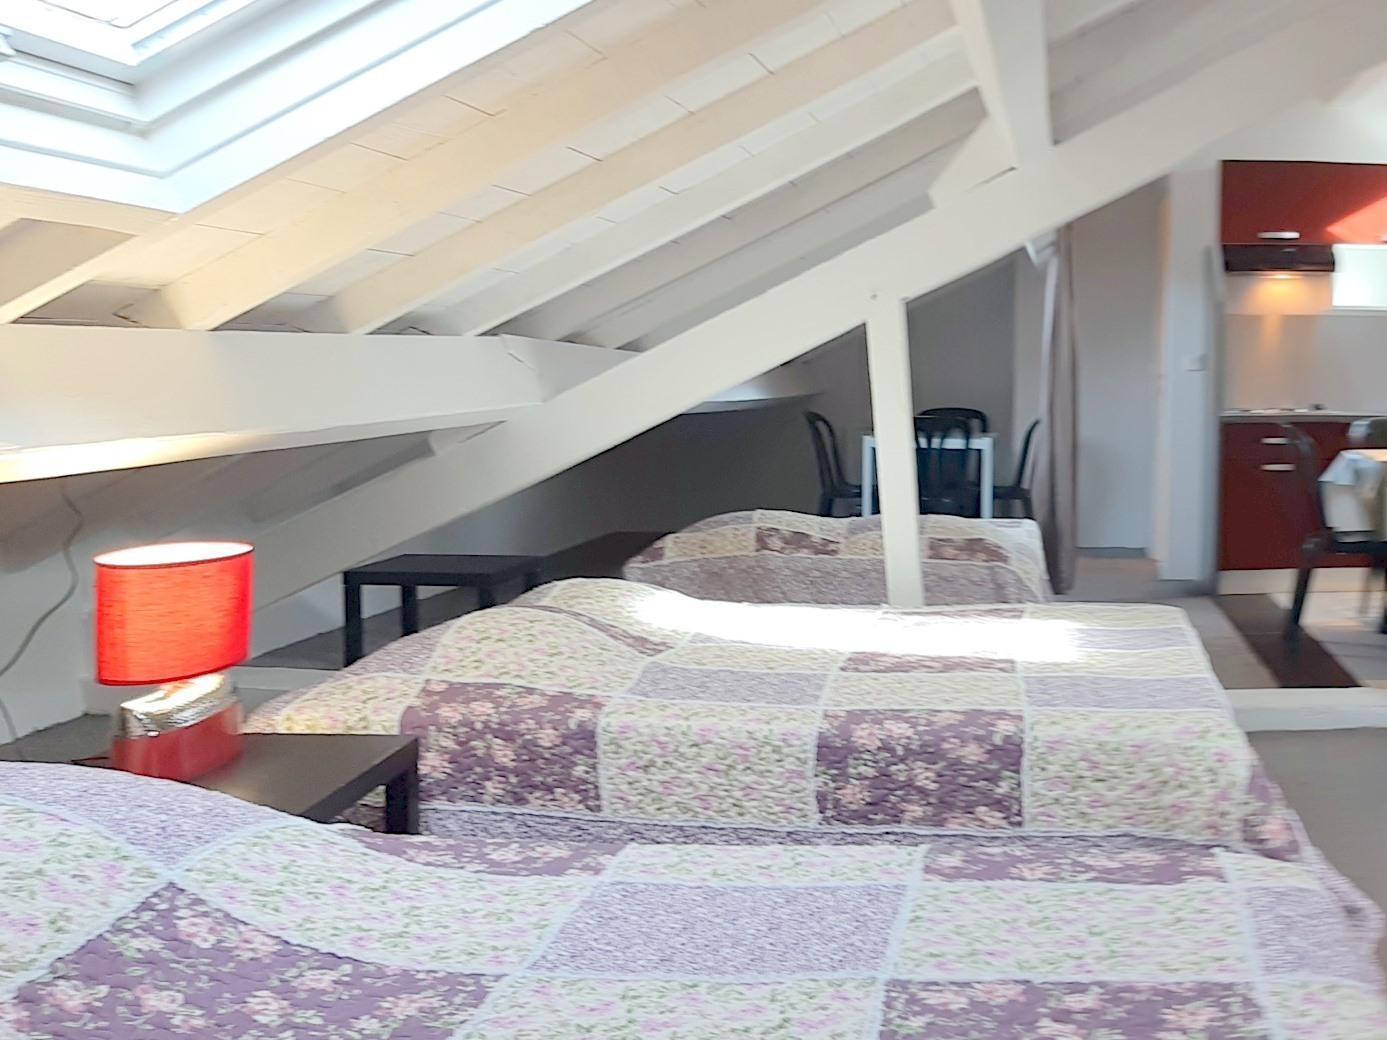 Appartement en attiq-Famille-Vue sur la campagne-au 2  étage-Salle de bain privée séparée - Tarif de base